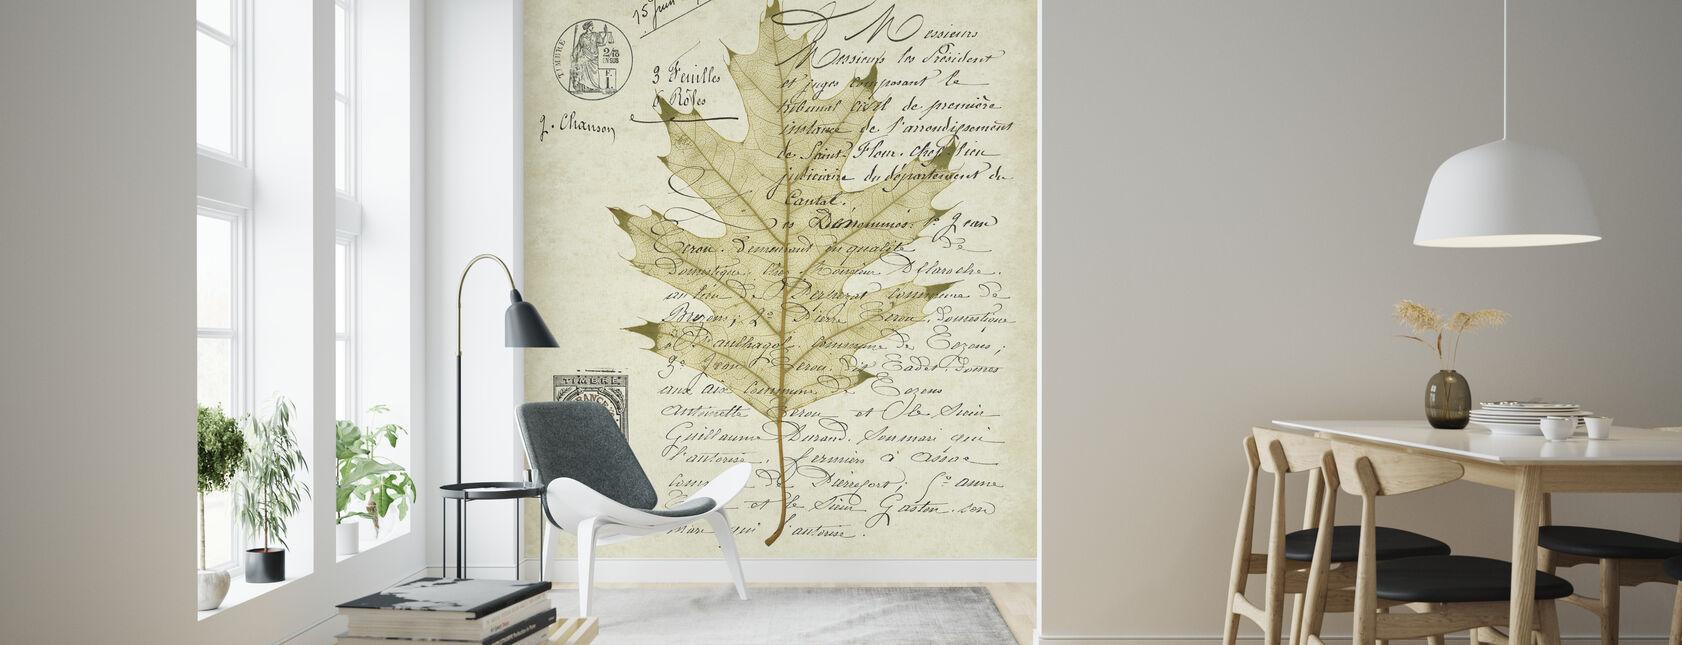 Red Oak Document - Wallpaper - Living Room